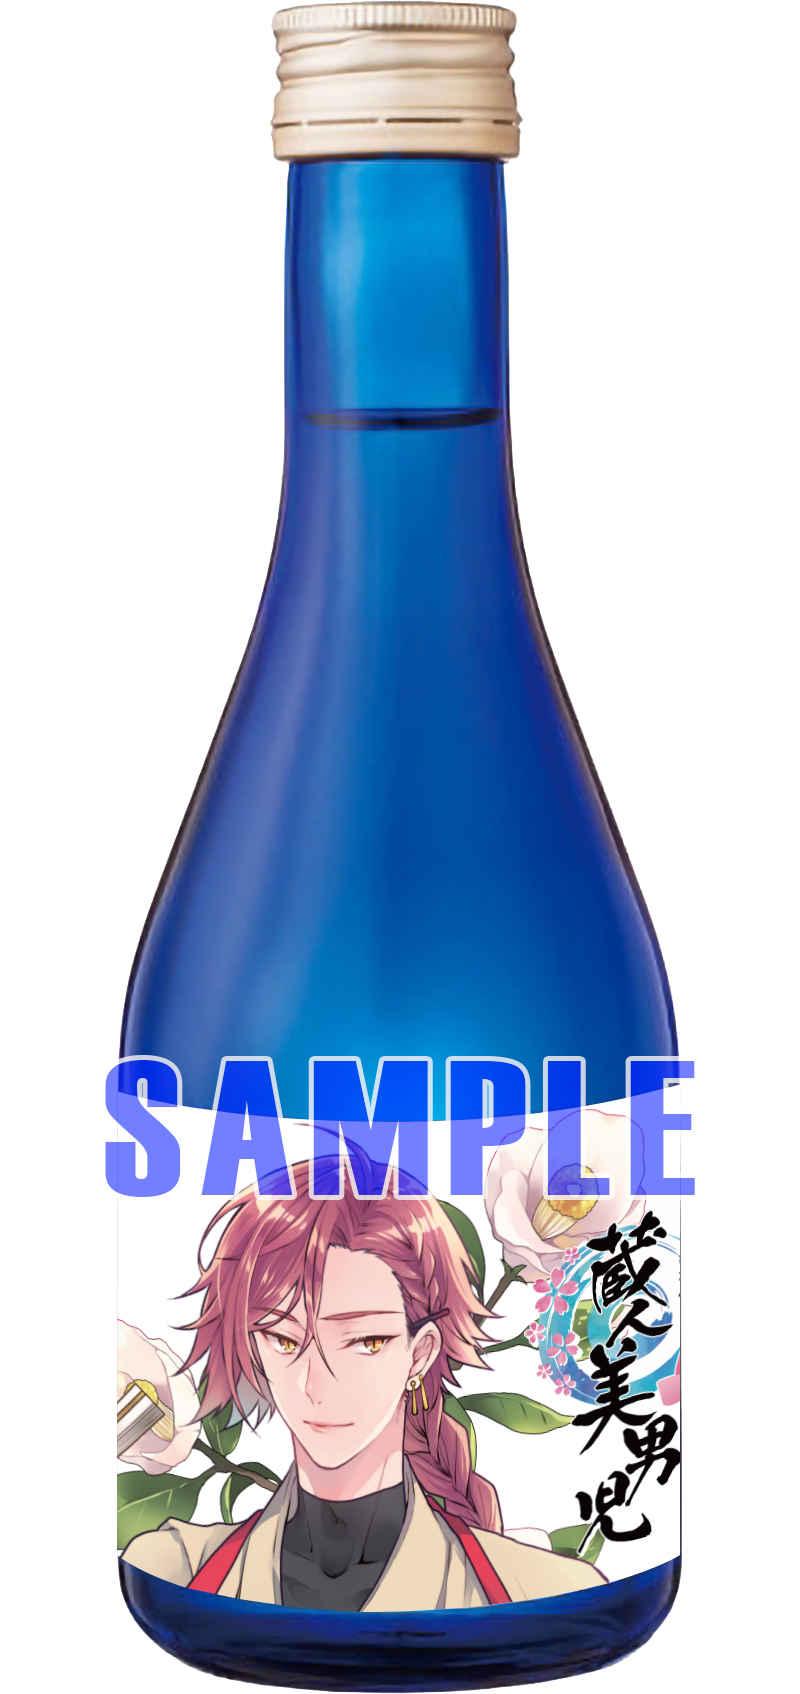 「蔵人美男児」卍山下柚留(絵 春が野かおる)菊池(純米吟醸酒)300ml